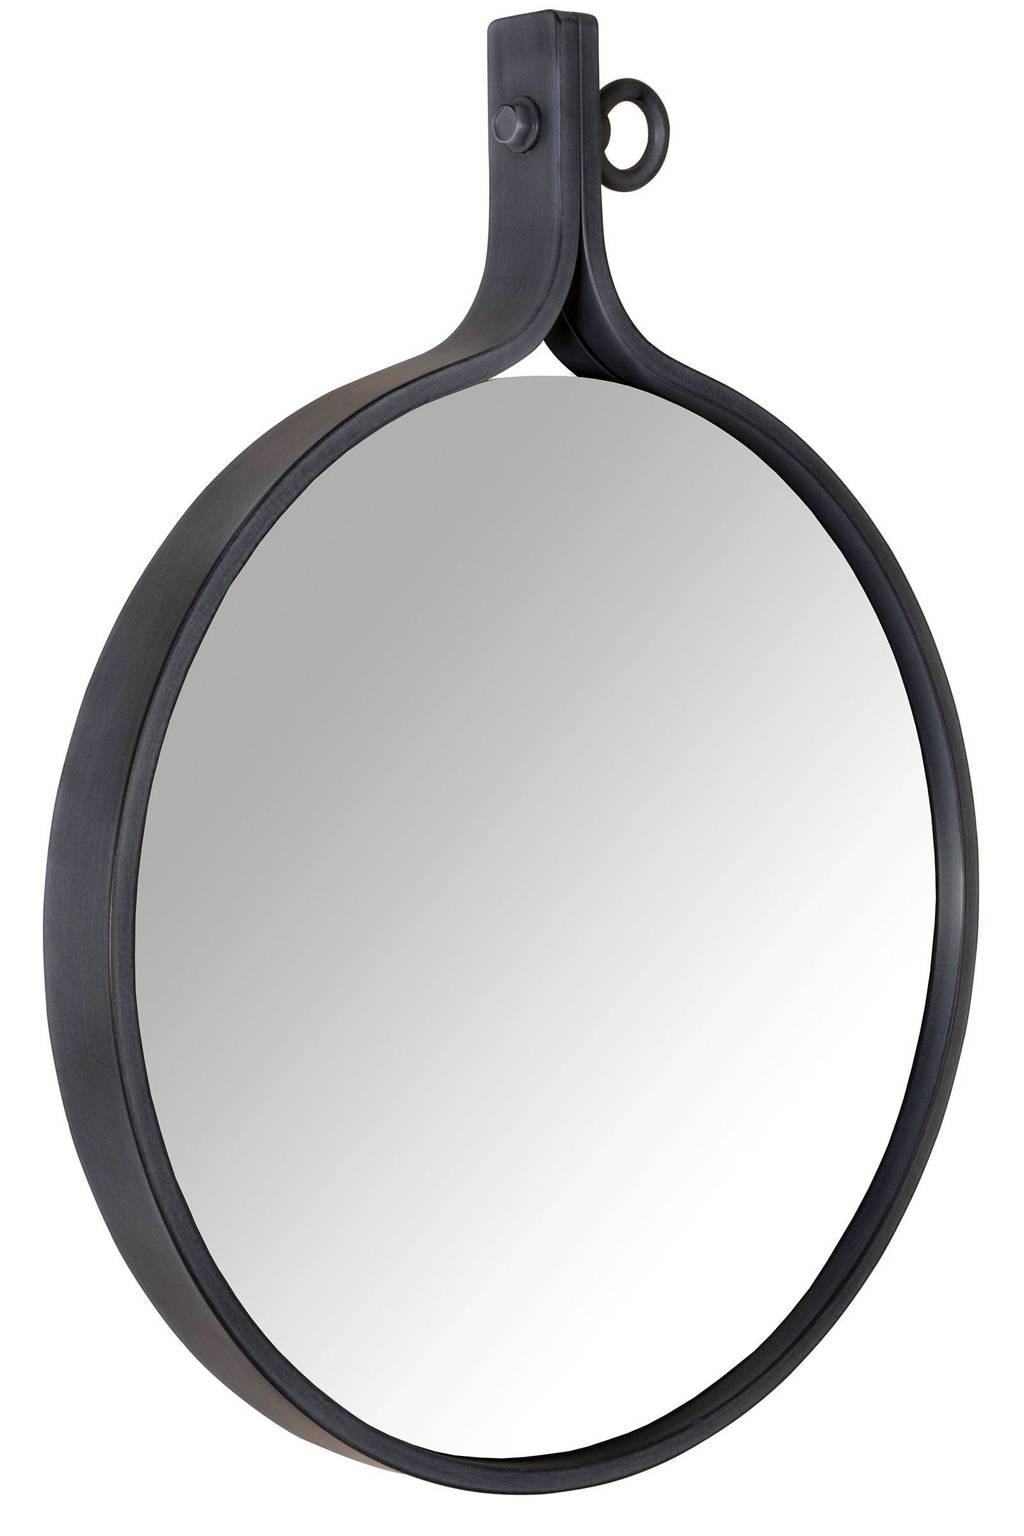 Dutchbone Attractif '16 spiegel (Ø41 cm), Zwart